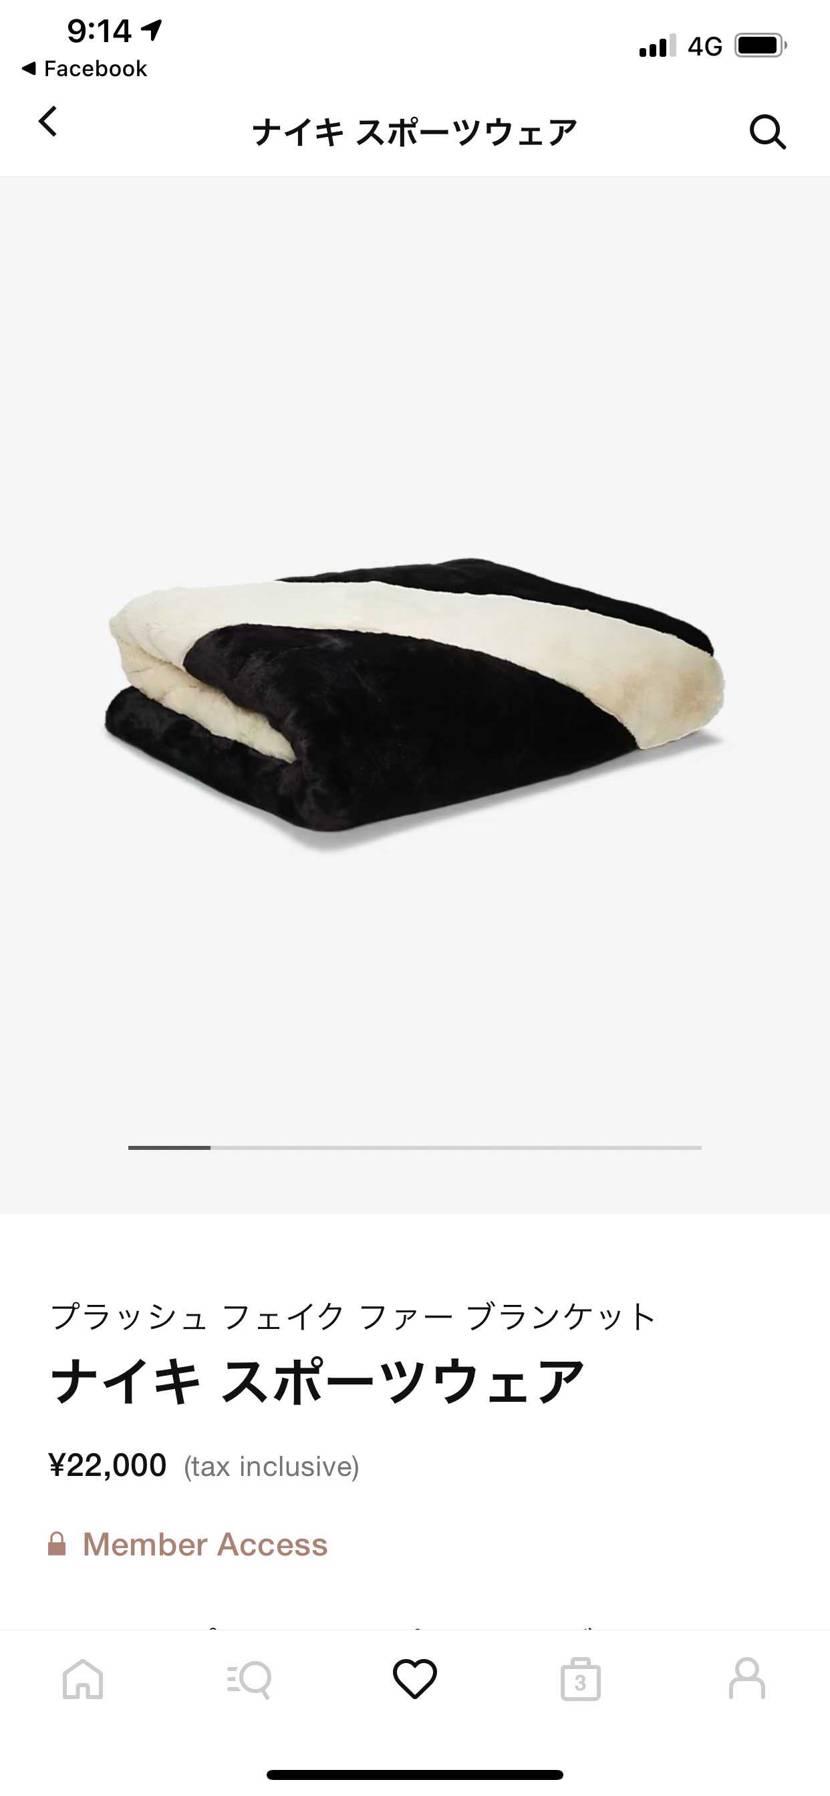 ナイキ 掛け布団 笑🤣 販売してます。